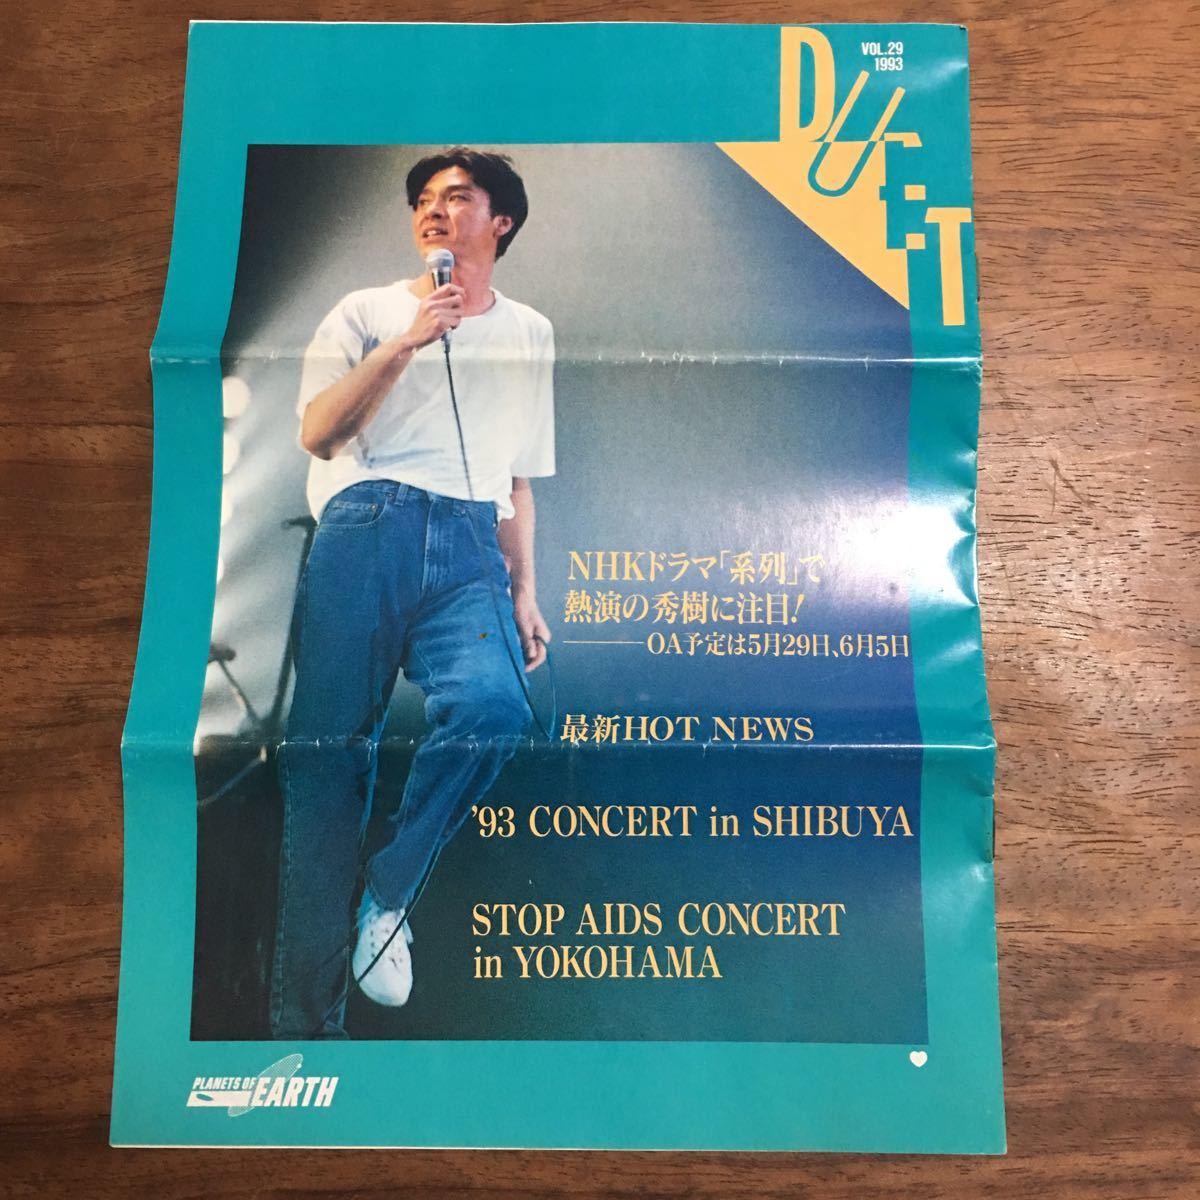 西城秀樹 ファンクラブ会報誌 DUET 1993 vol 29